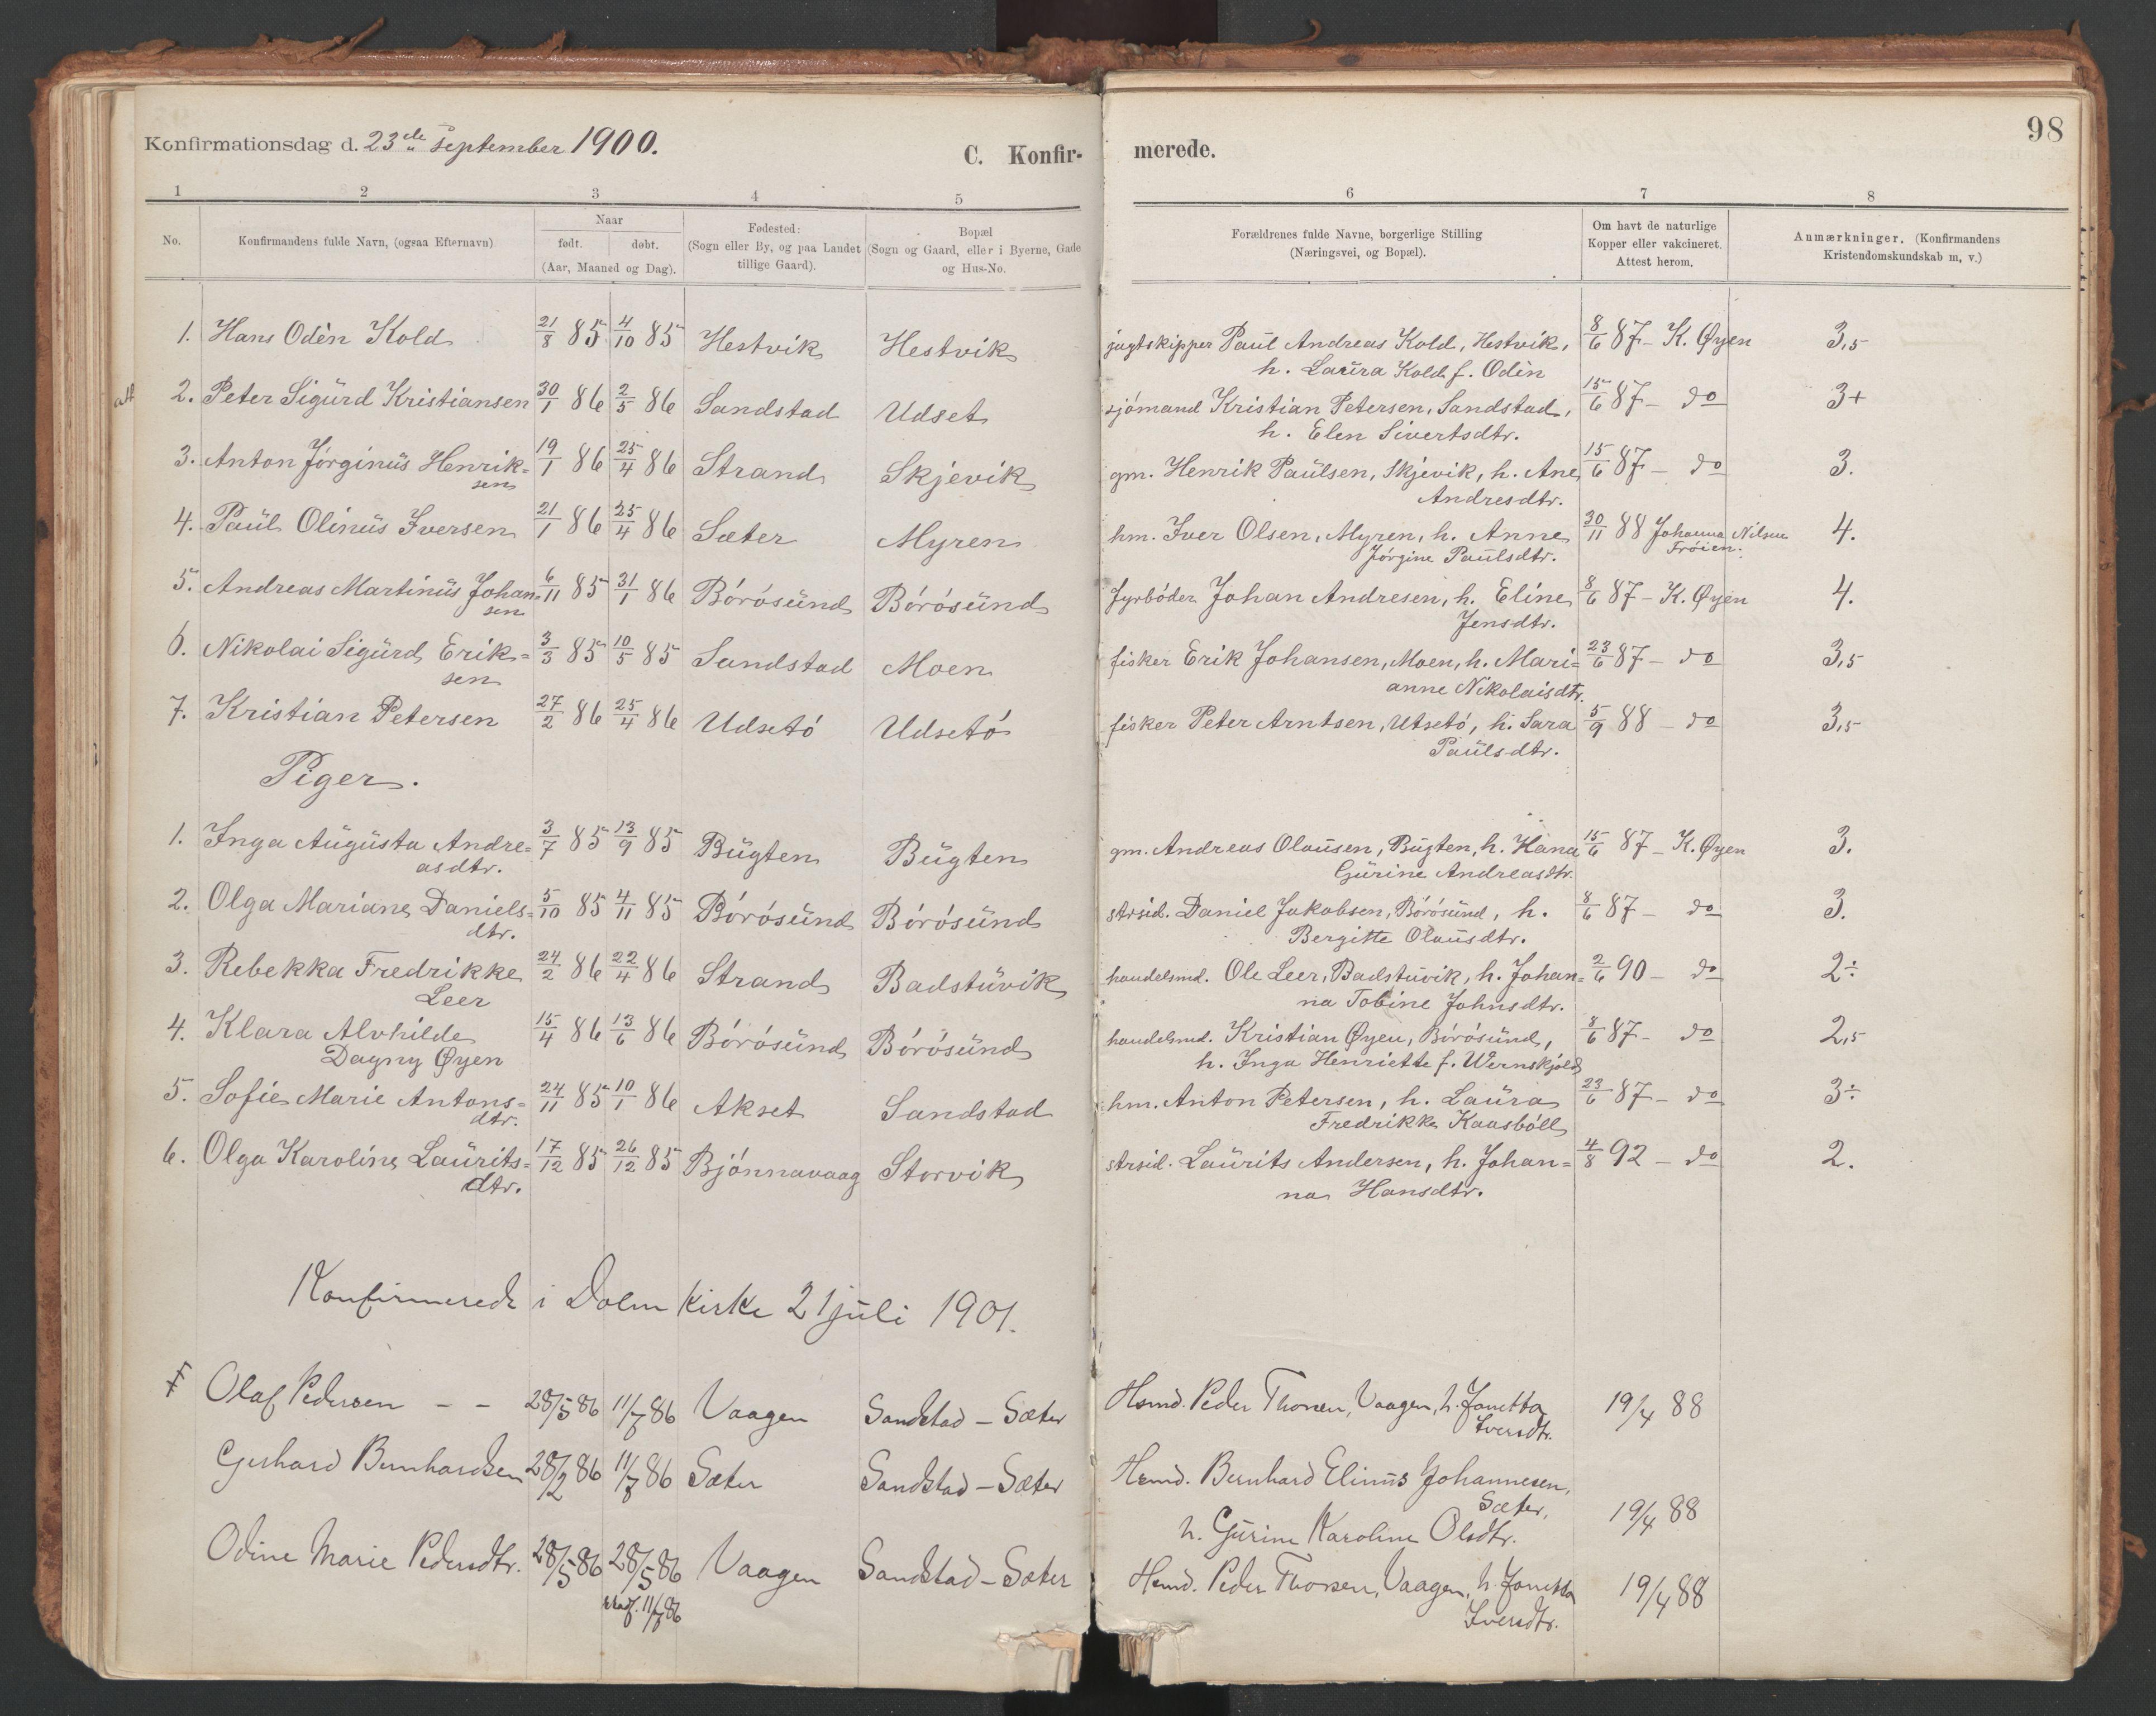 SAT, Ministerialprotokoller, klokkerbøker og fødselsregistre - Sør-Trøndelag, 639/L0572: Ministerialbok nr. 639A01, 1890-1920, s. 98